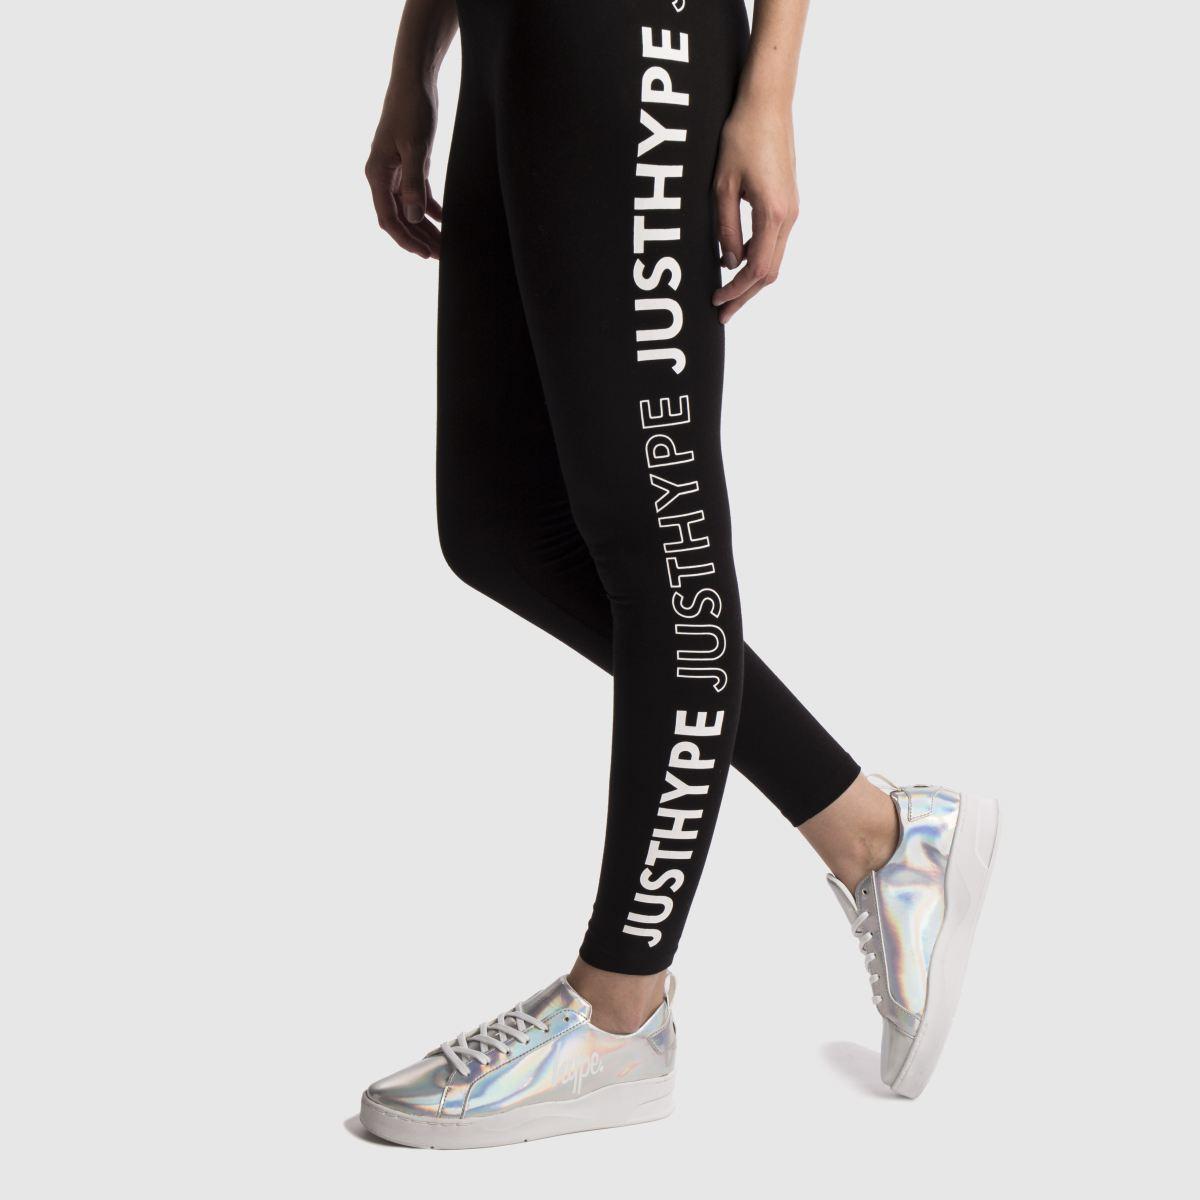 Damen Silber hype Hologram Reef Trainer Sneaker | Schuhe schuh Gute Qualität beliebte Schuhe | 495ac5